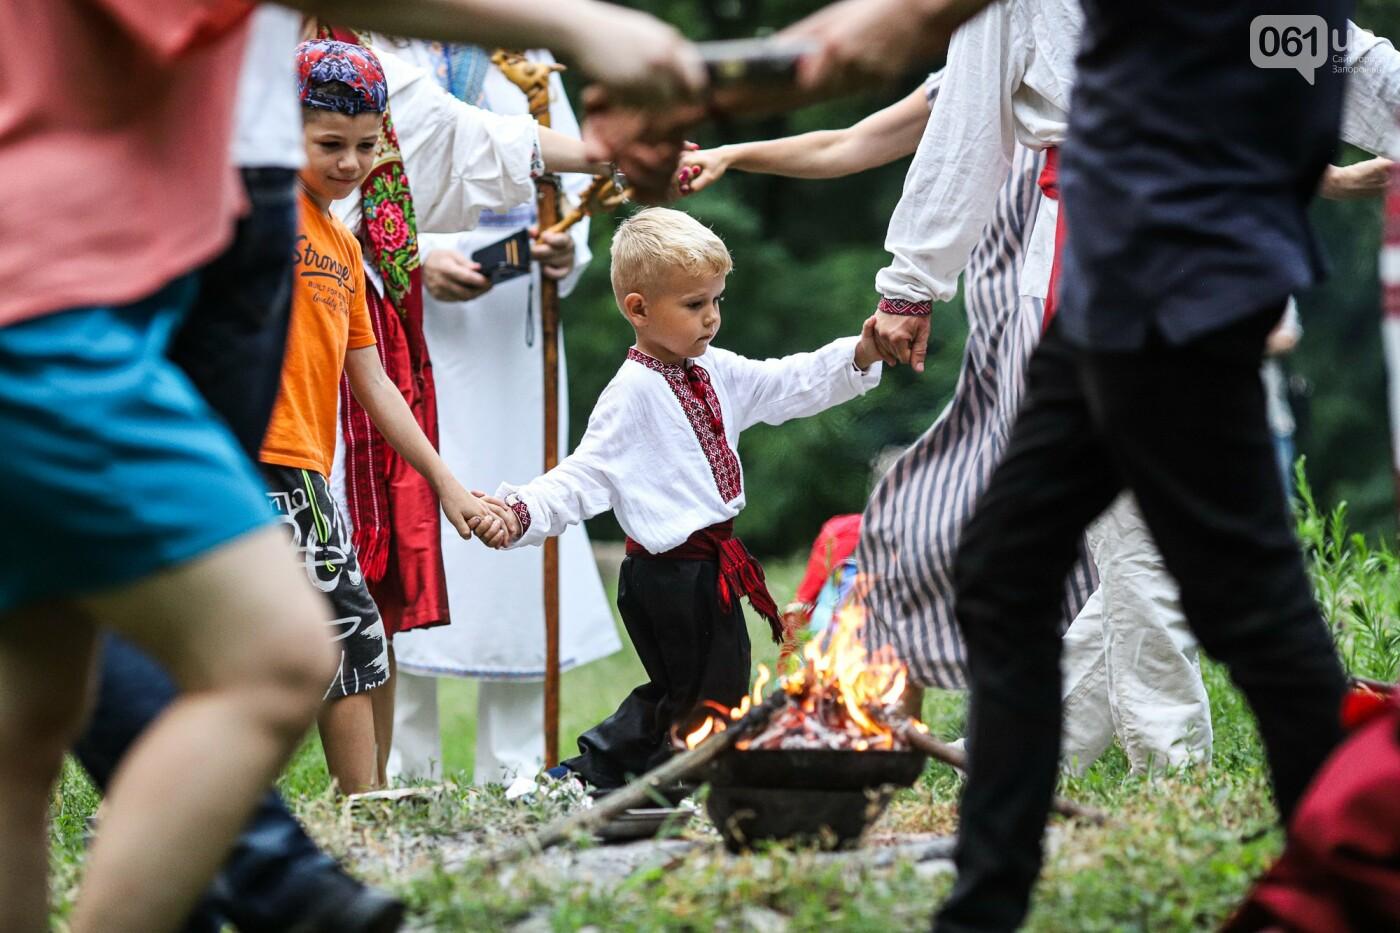 Огонь и дубовые венки: как на Хортице отметили праздник Перуна, - ФОТОРЕПОРТАЖ, фото-31